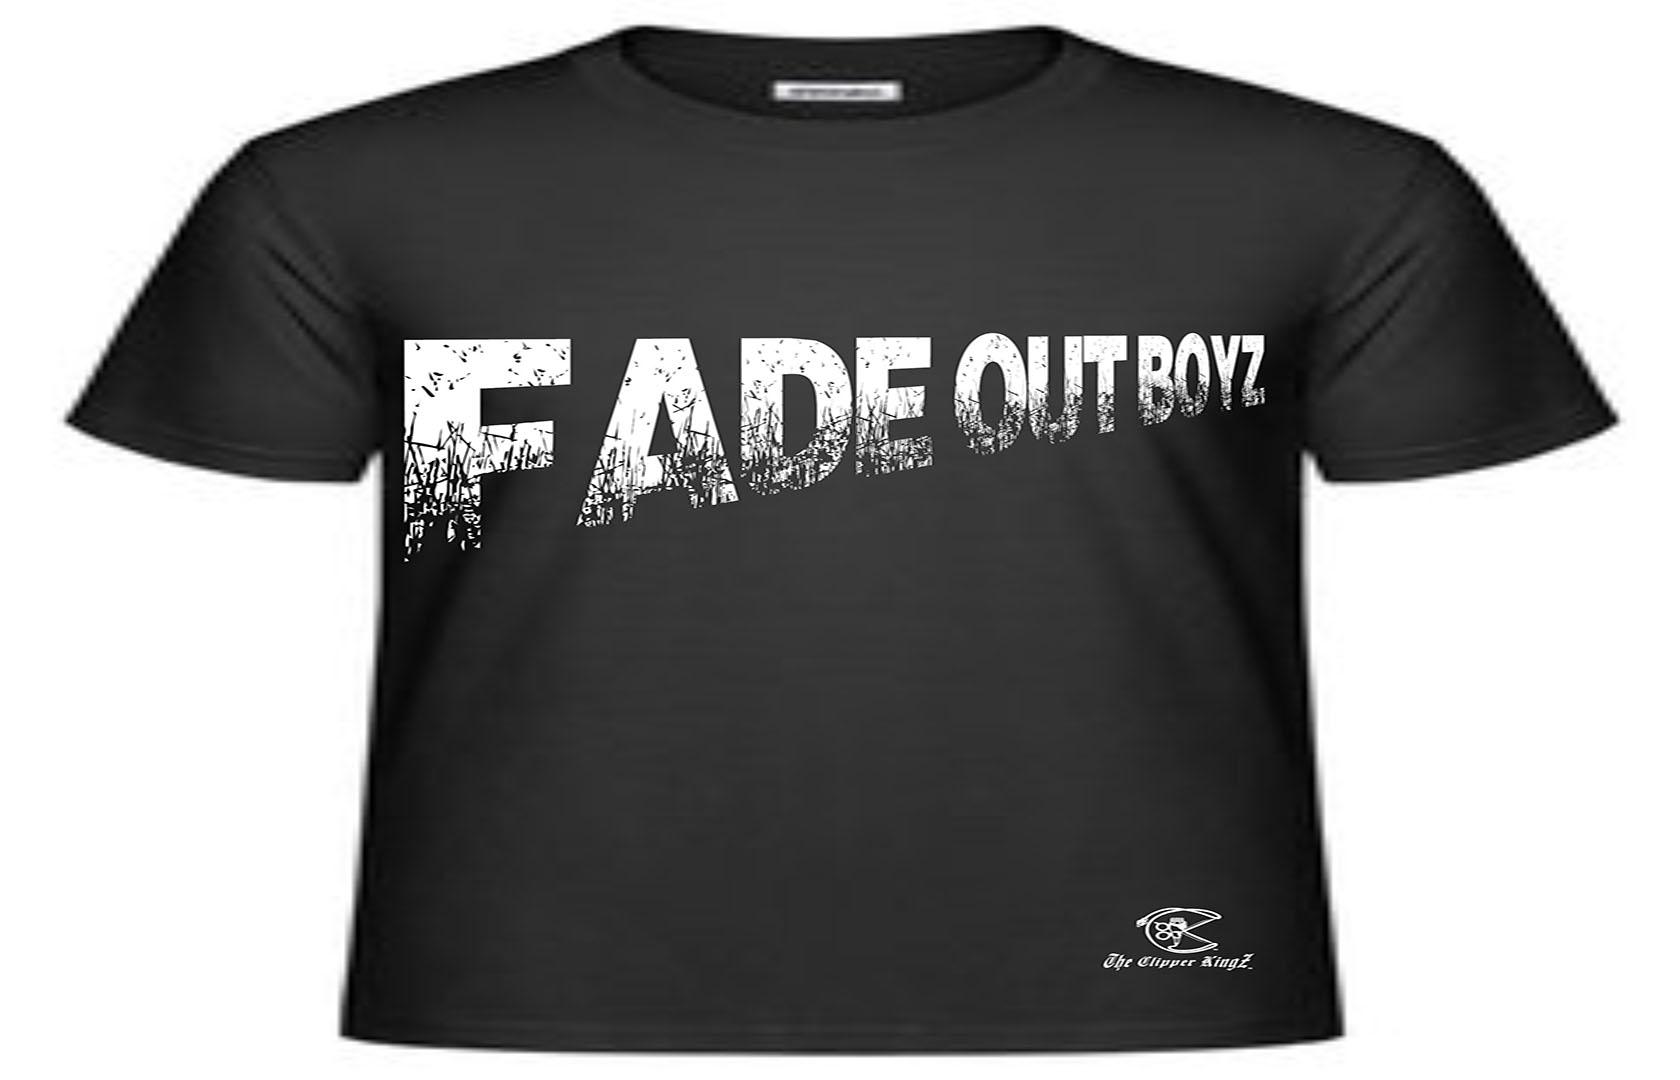 Fade Out Boyz 2